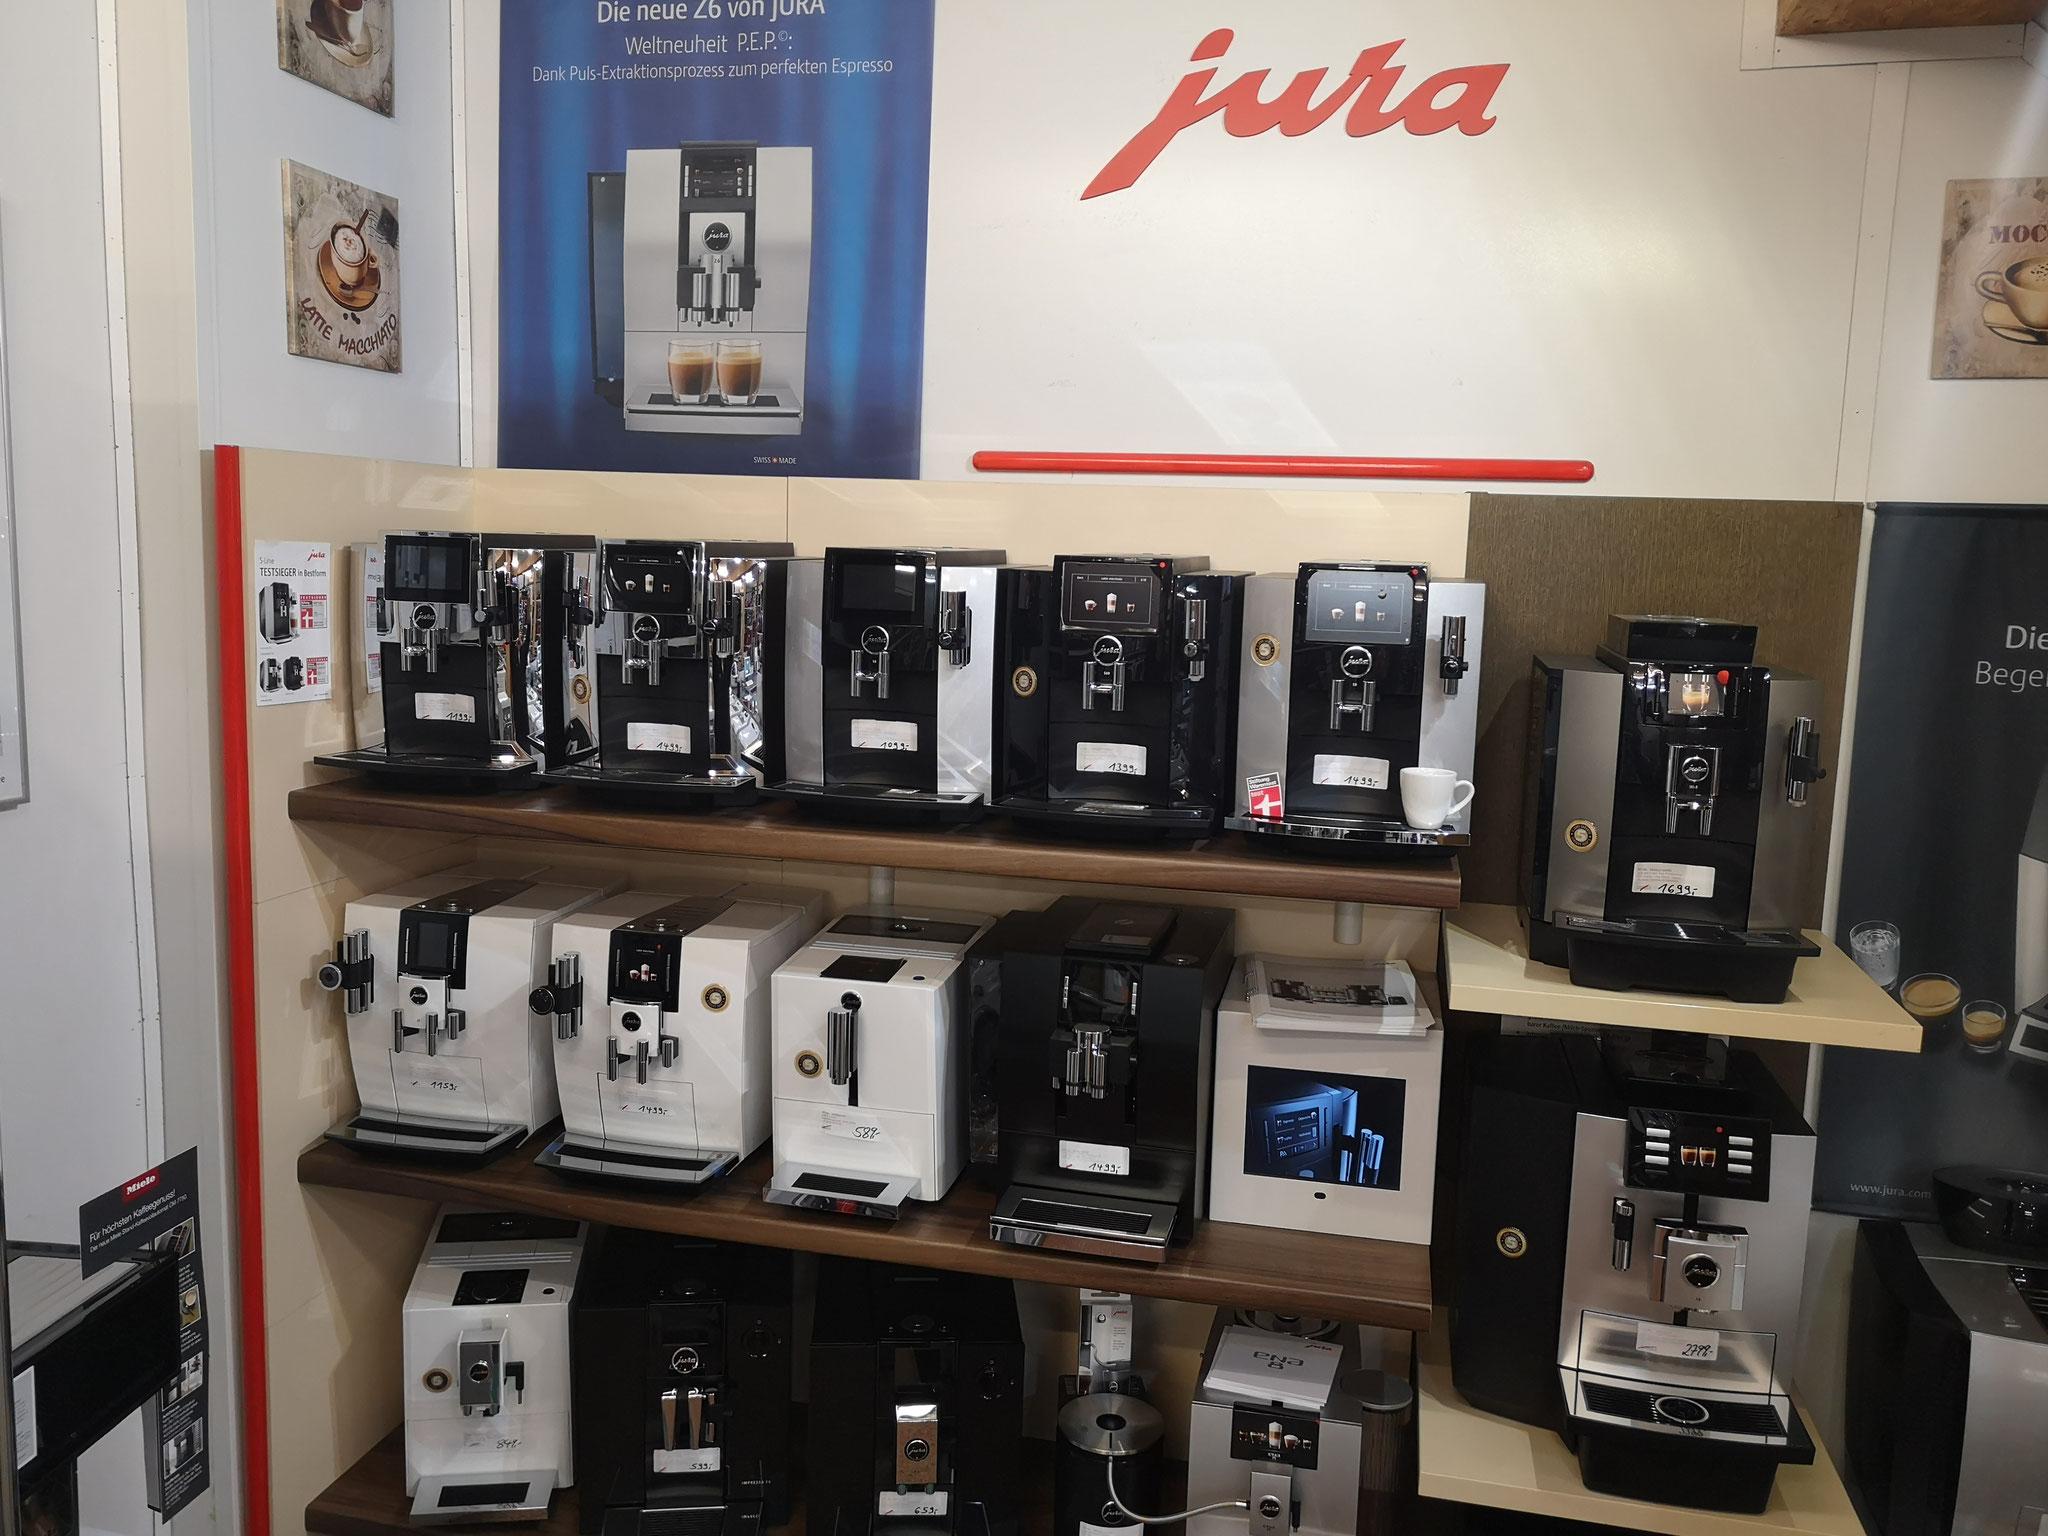 Jura Kaffeevollautomaten bei HGS Elektro in Köln